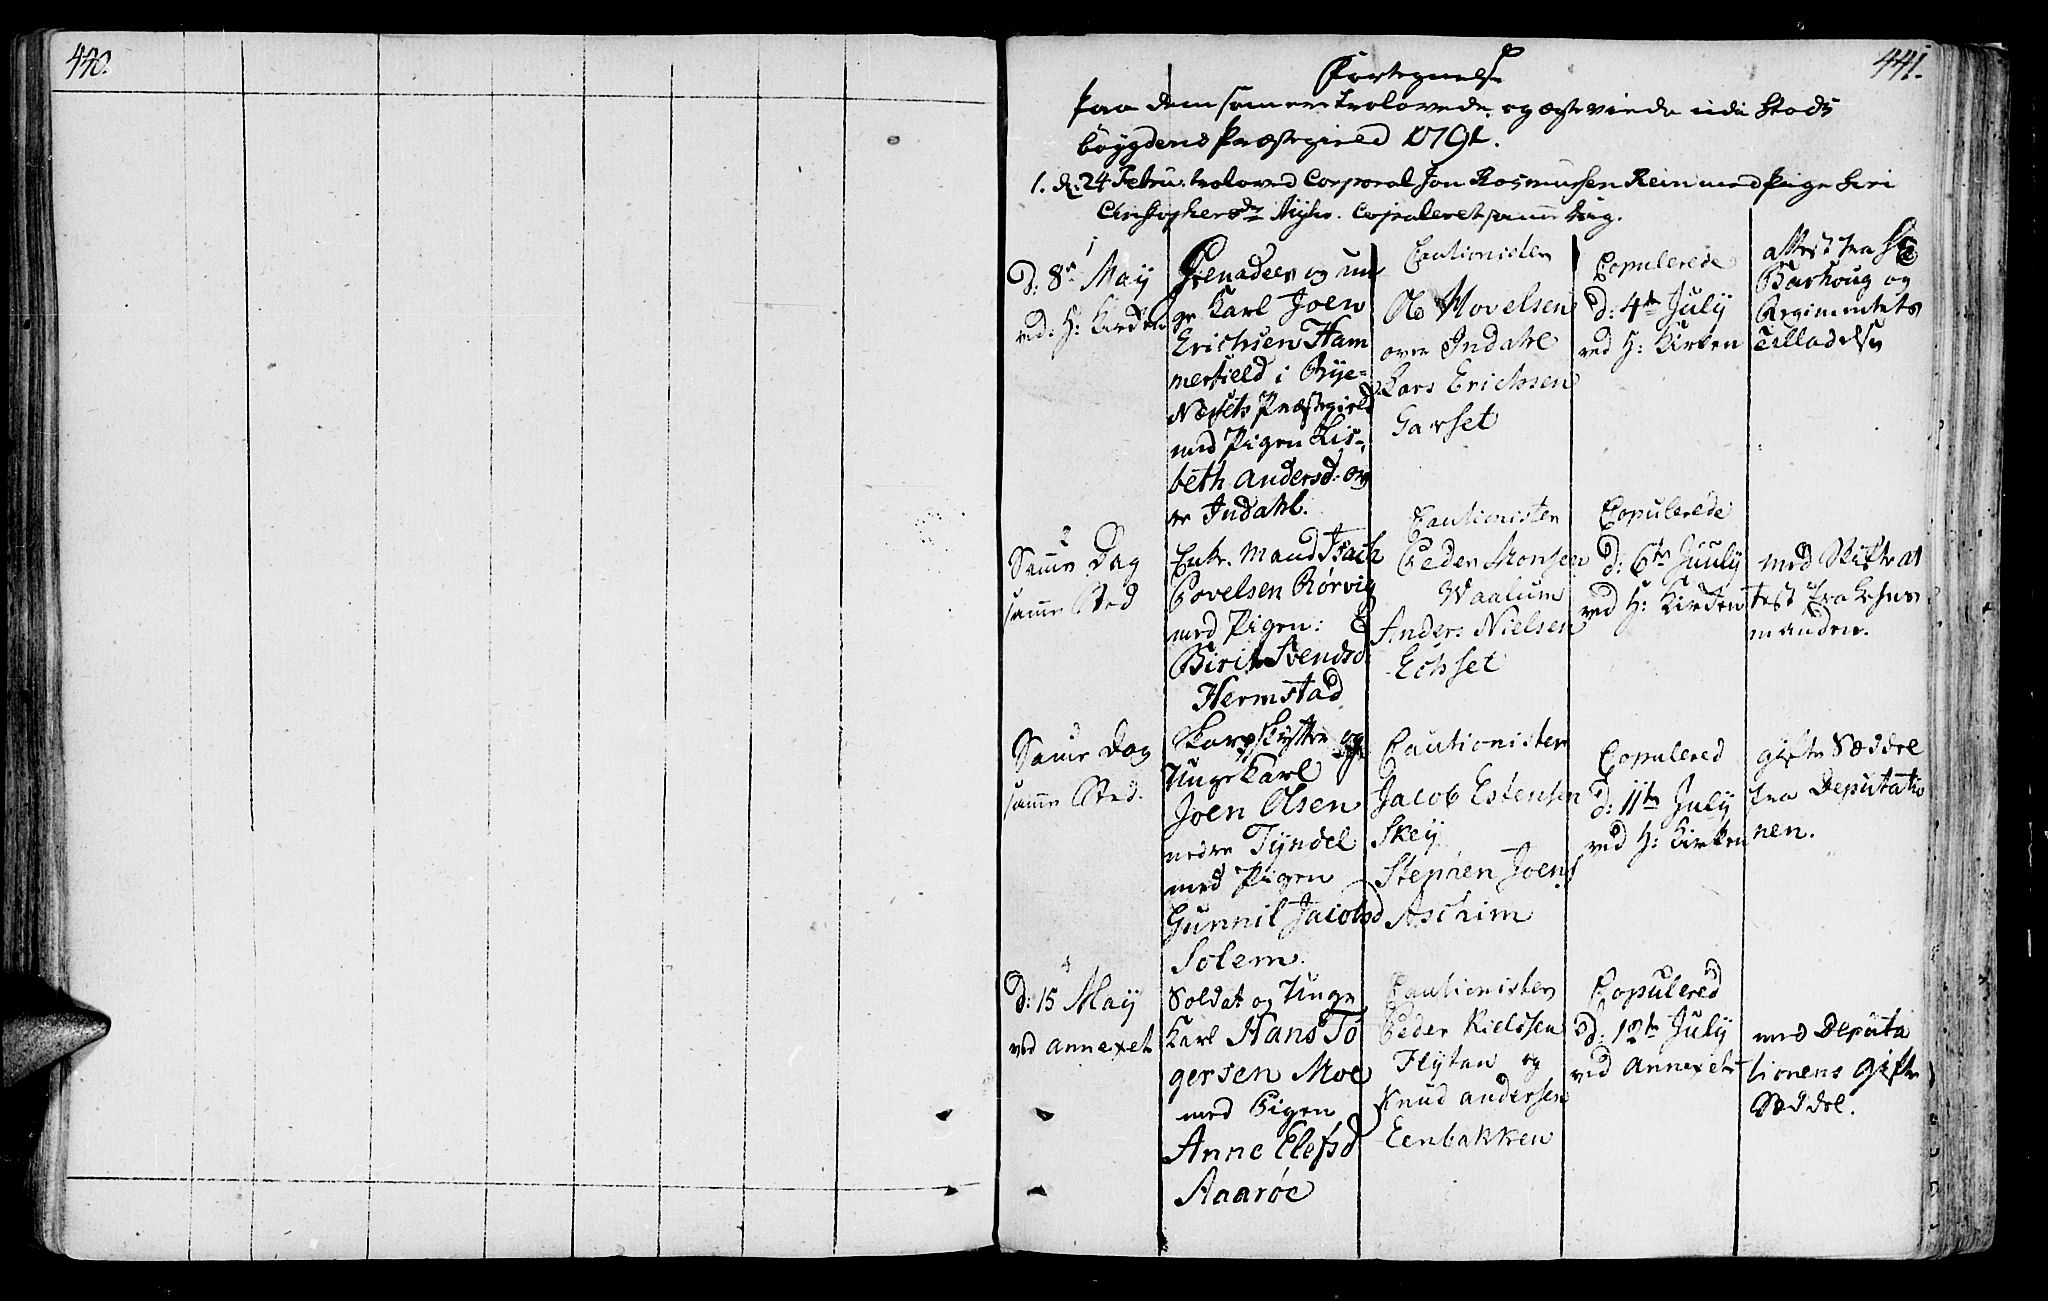 SAT, Ministerialprotokoller, klokkerbøker og fødselsregistre - Sør-Trøndelag, 646/L0606: Ministerialbok nr. 646A04, 1791-1805, s. 440-441